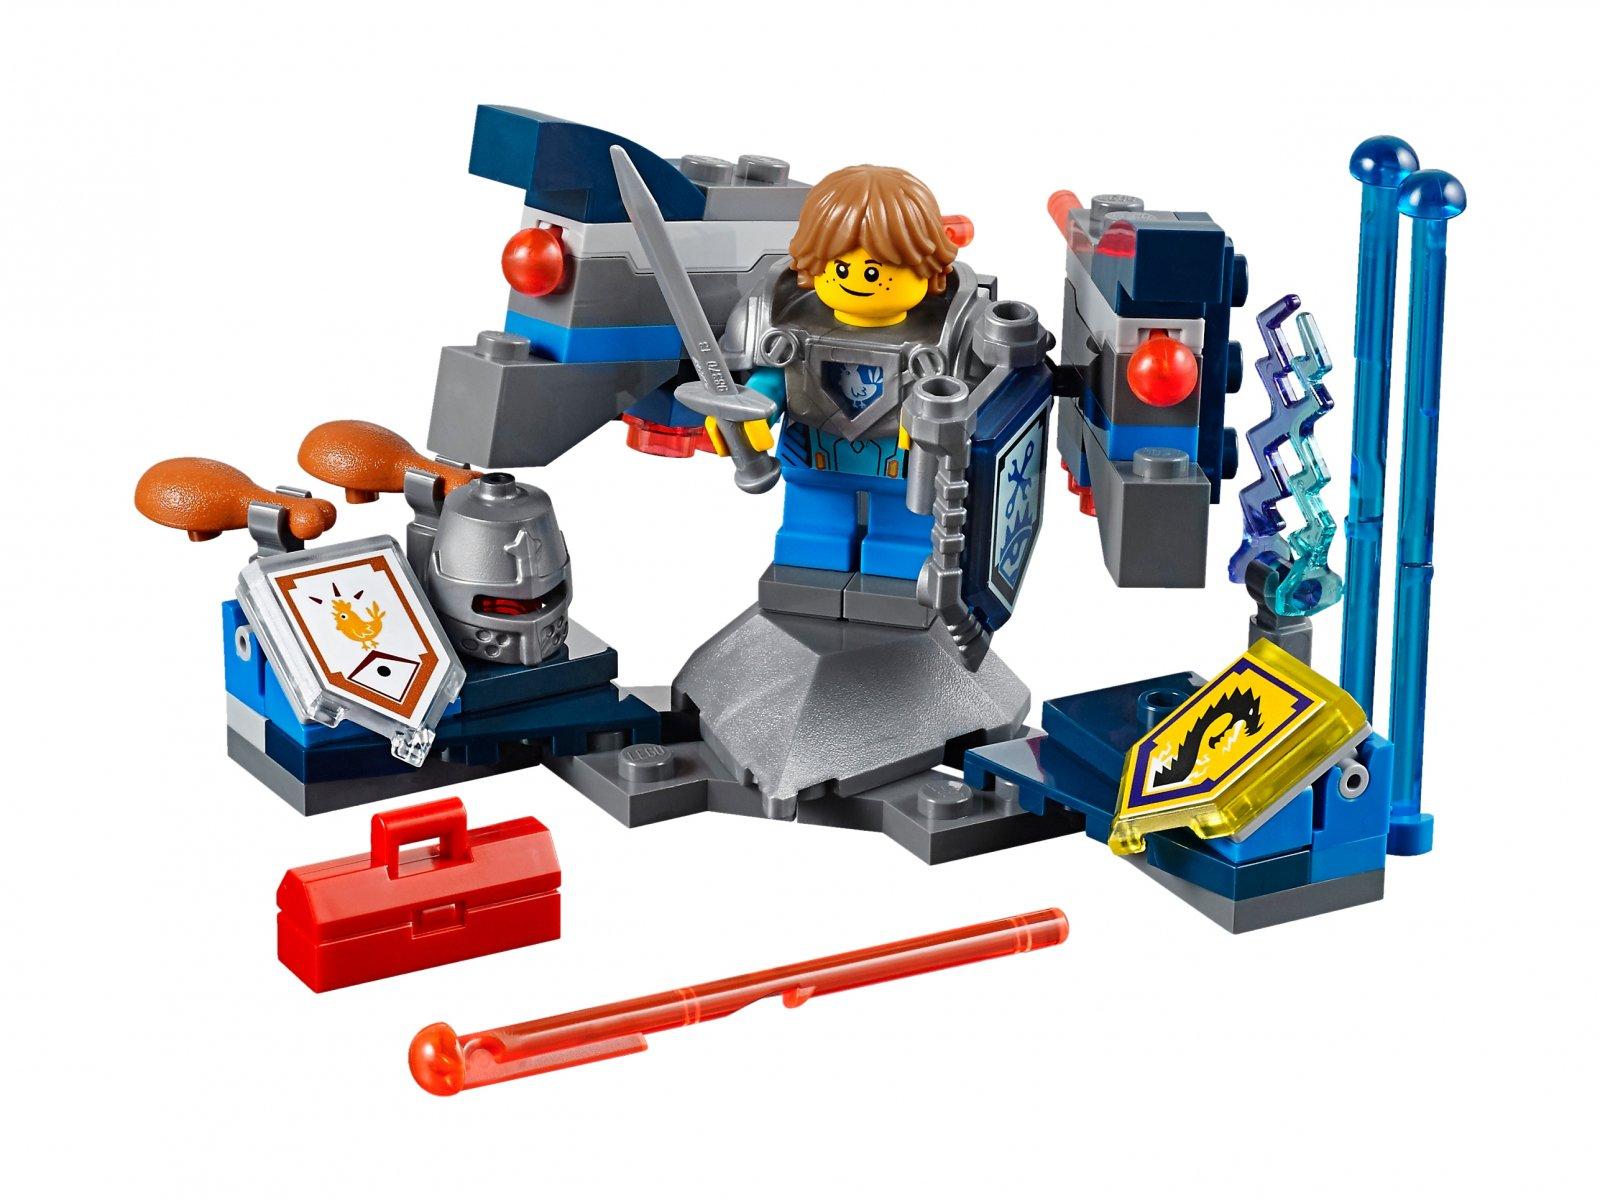 LEGO 70333 Robin